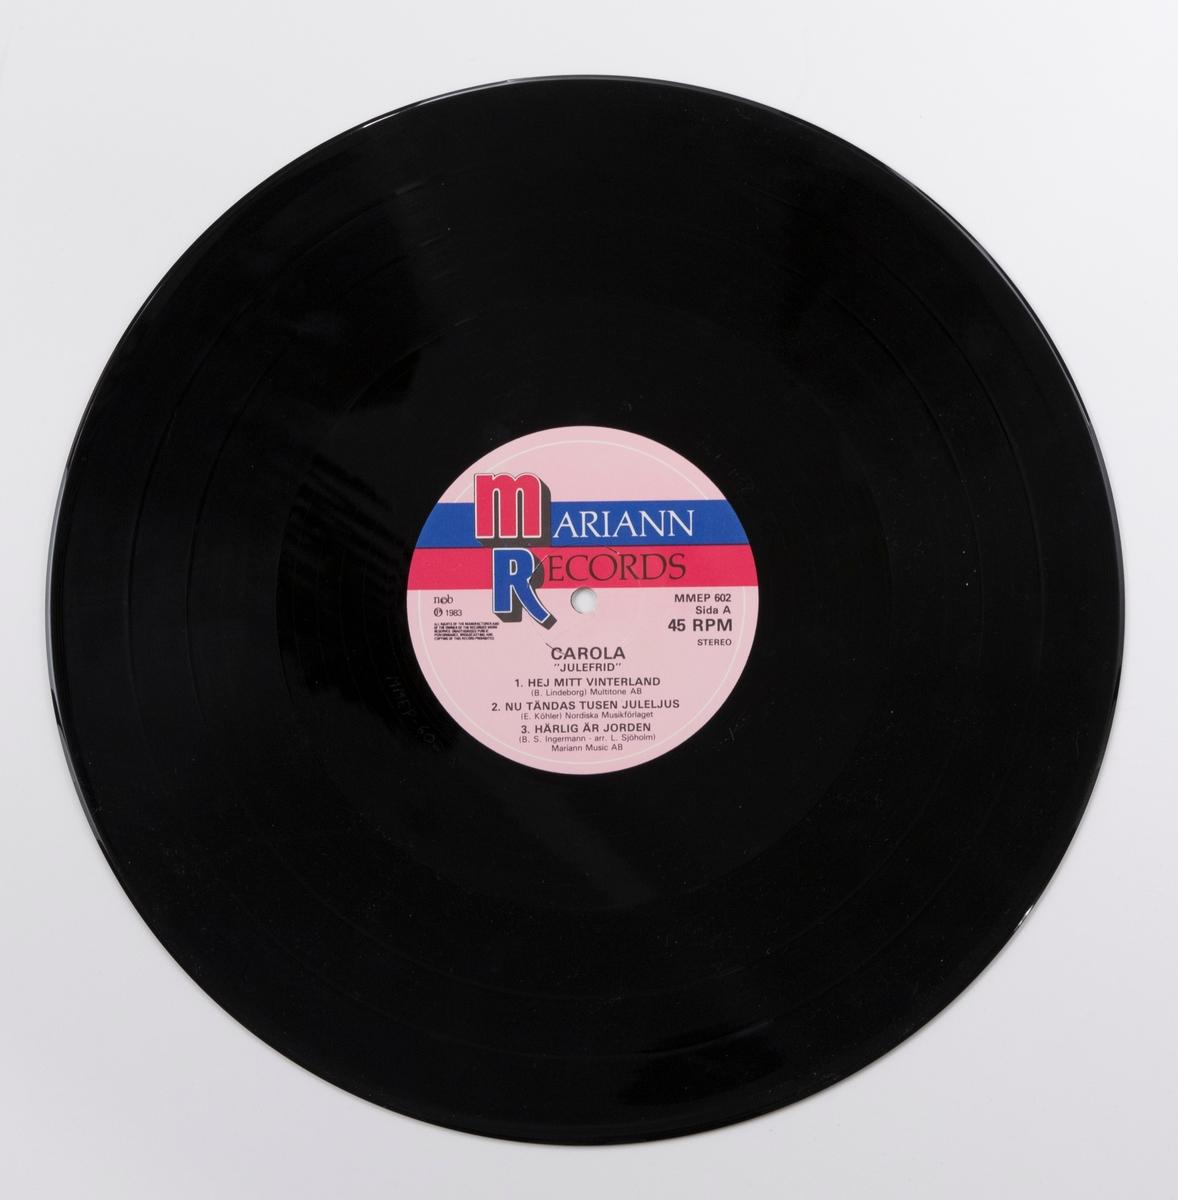 Maxi-EP med sex julsånger (format som LP, men färre låtar, spelas 45 varv), av svart vinyl med rosa pappersetikett. Skivan ligger i skivpåse av papper, och i omslag av papper. Omslaget har en färgbild av artisten i profil med ett vinterlandskap i fonden. Inne i omslaget finns en affisch med samma bild av artisten som på omslaget.  Innehåll Sida A: 1. Hej mitt vinterland 2. Nu tändas tusen juleljus 3. Härlig är jorden  Sida 2: 1. Bjällerklang 2. Stilla natt 3. O helga natt  JM 34182:1, Skiva JM 34182:2, Omslag JM 34182:3, Skivpåse JM 34182:4, Affisch